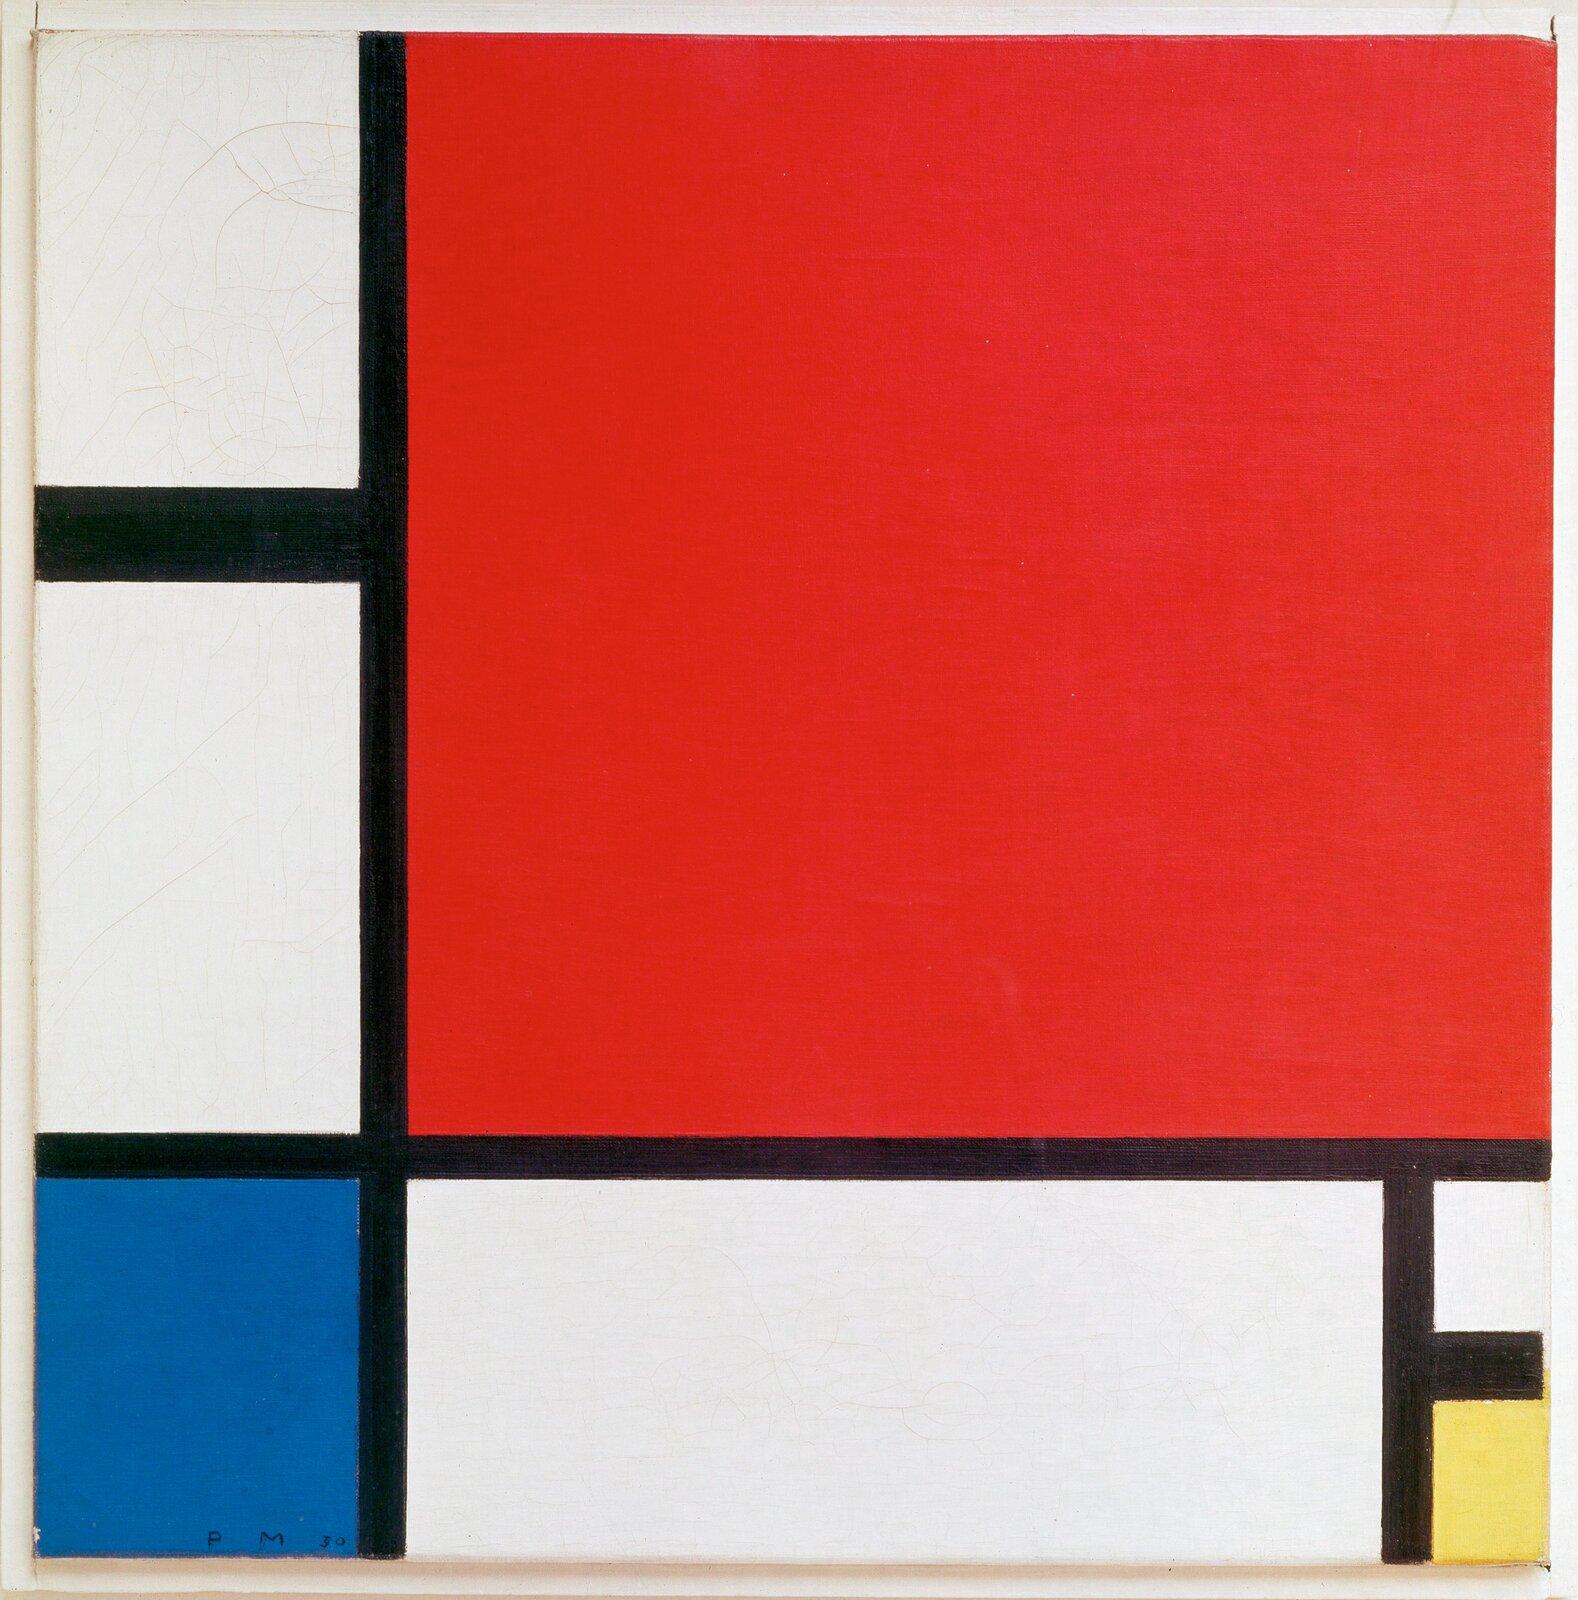 """Ilustracja przedstawia obraz Pieta Mondriana pt. """"Kompozycja zczerwonym, niebieskim iżółtym"""". Ukazuje on czarne pionowe ipoziome linie tworzące kolorowe prostokąty."""